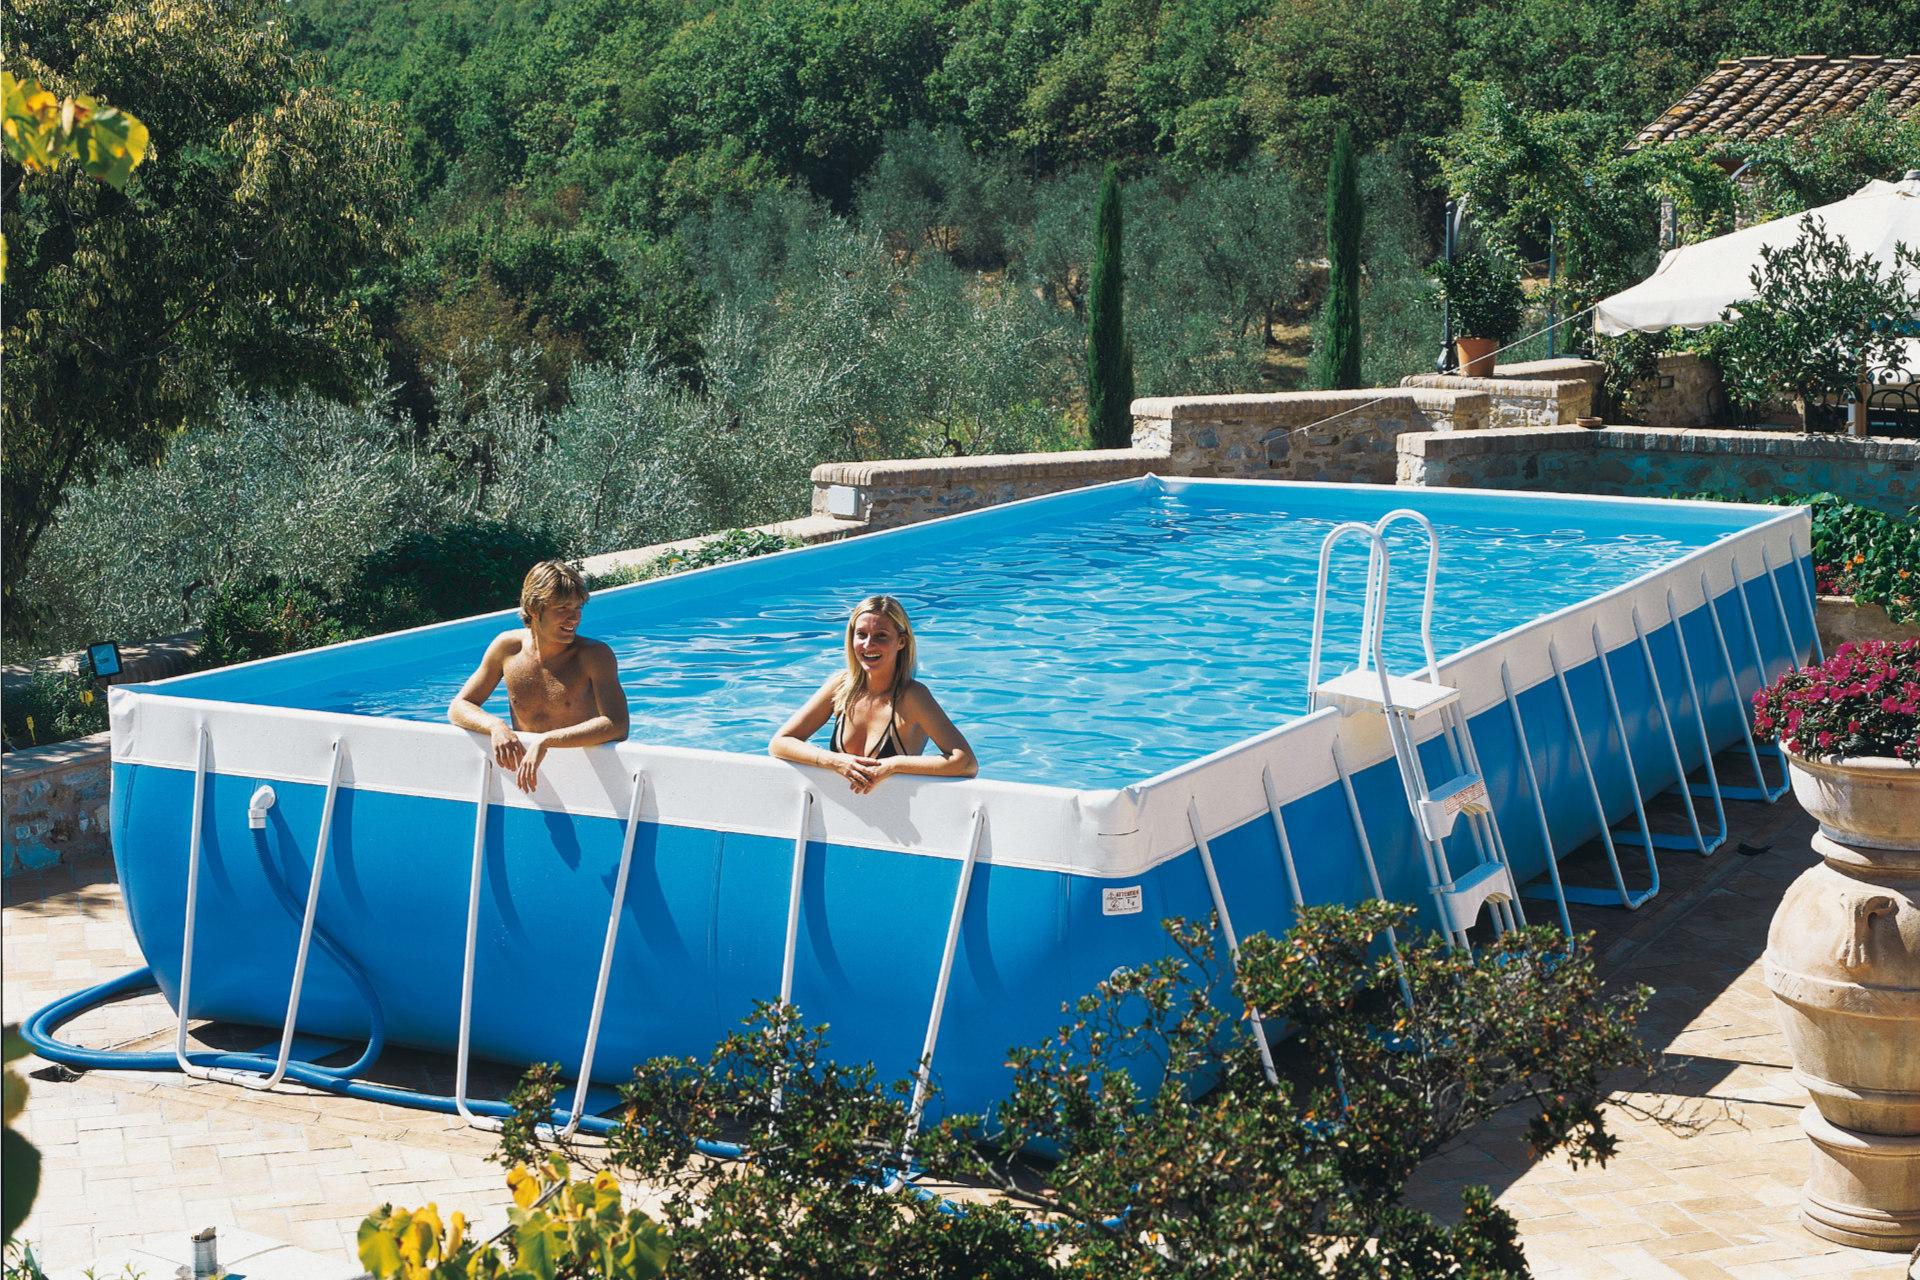 Le Guide Complet Des Piscines Hors-Sol - Aquapolis destiné Piscine Hors Sol Composite